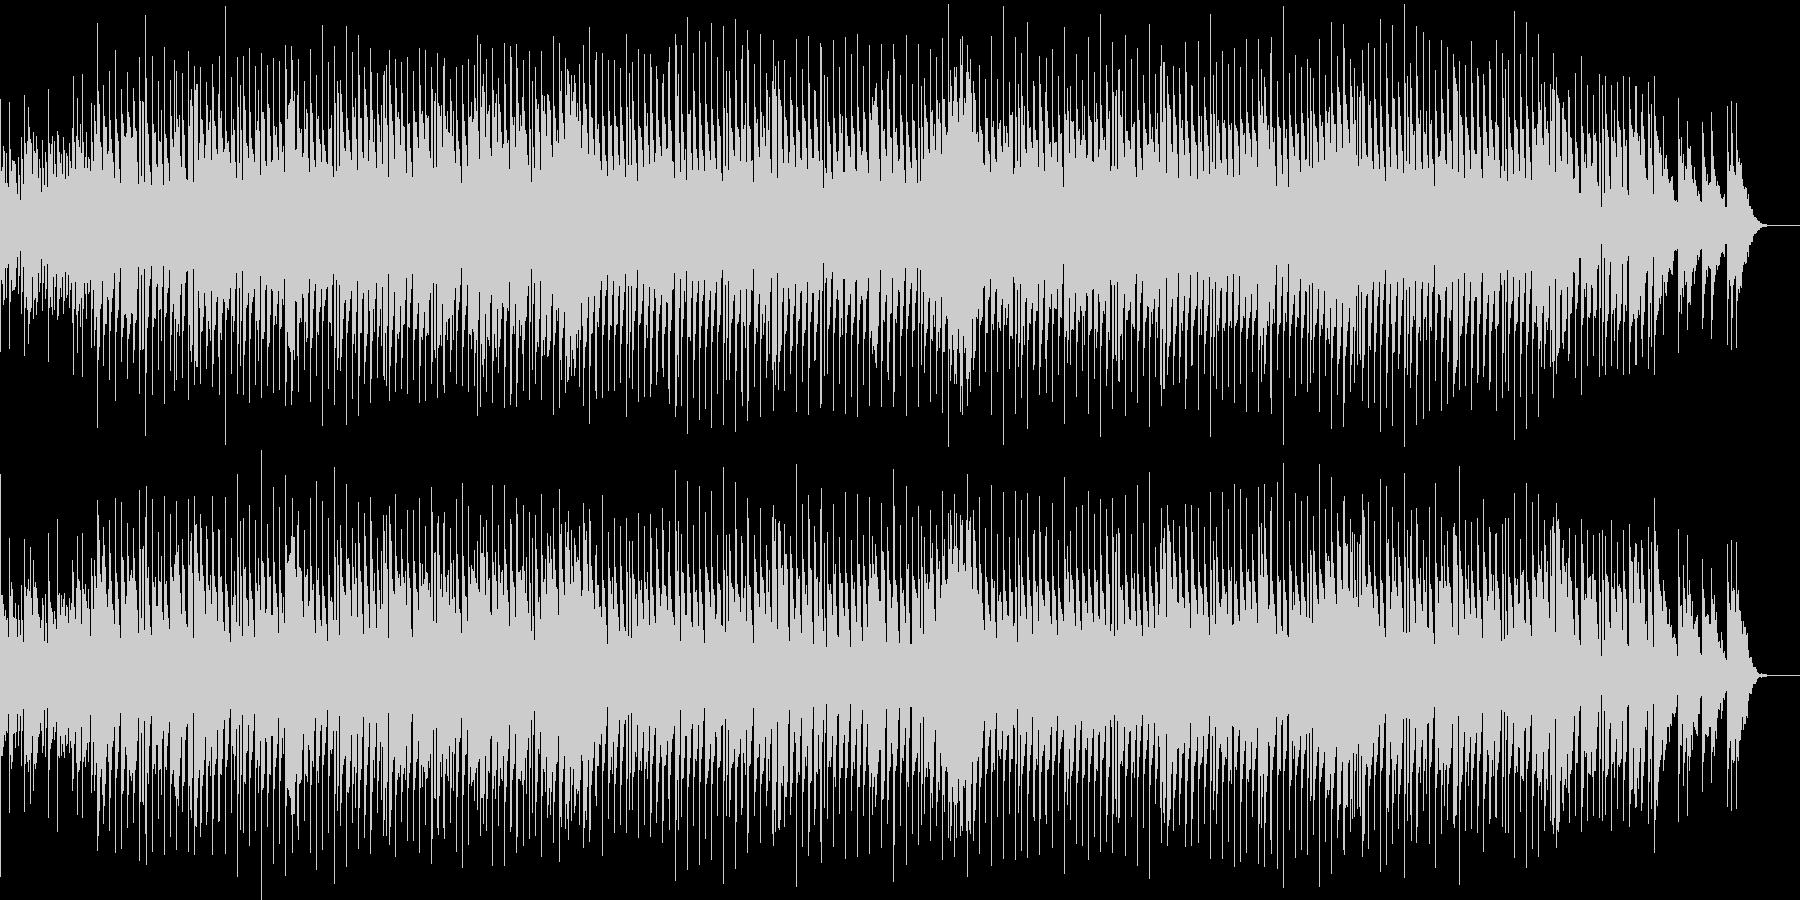 軽快なリズムと耳に残るフレーズのBGMの未再生の波形